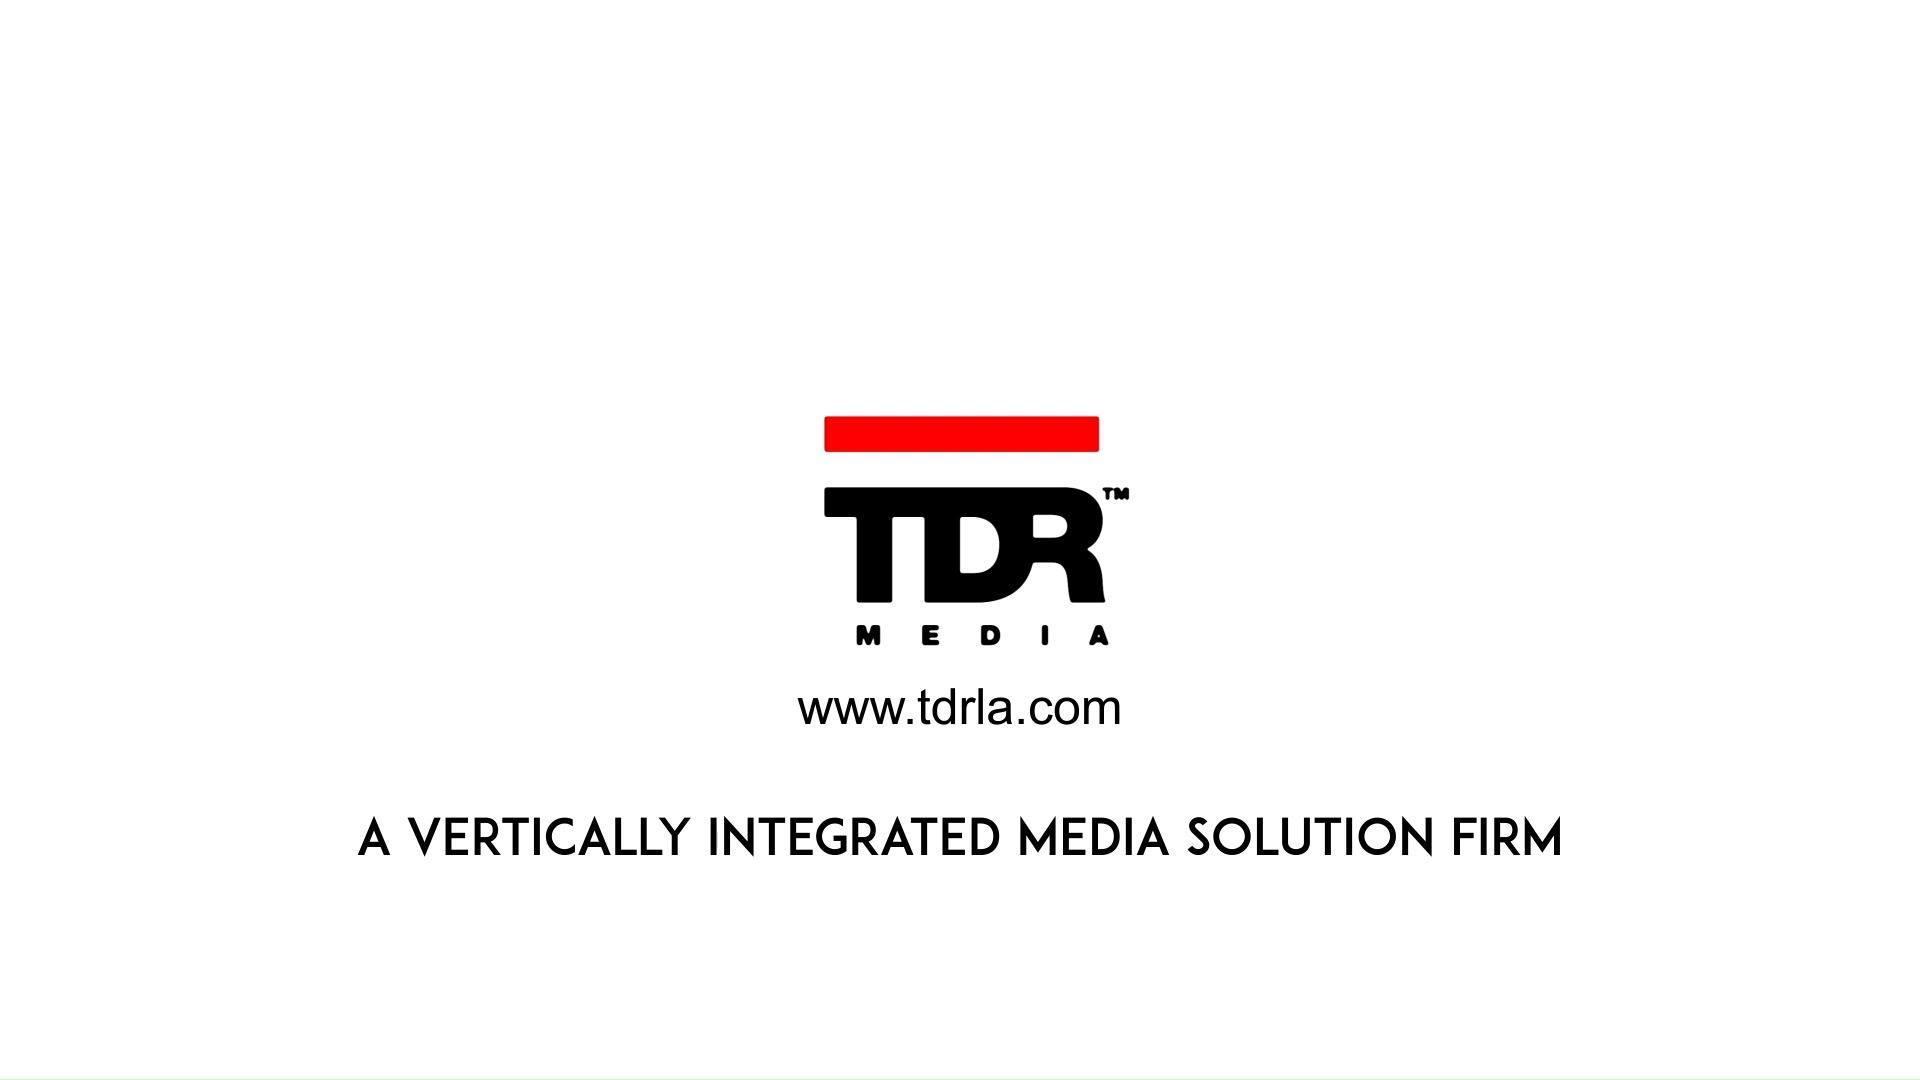 TDR Media